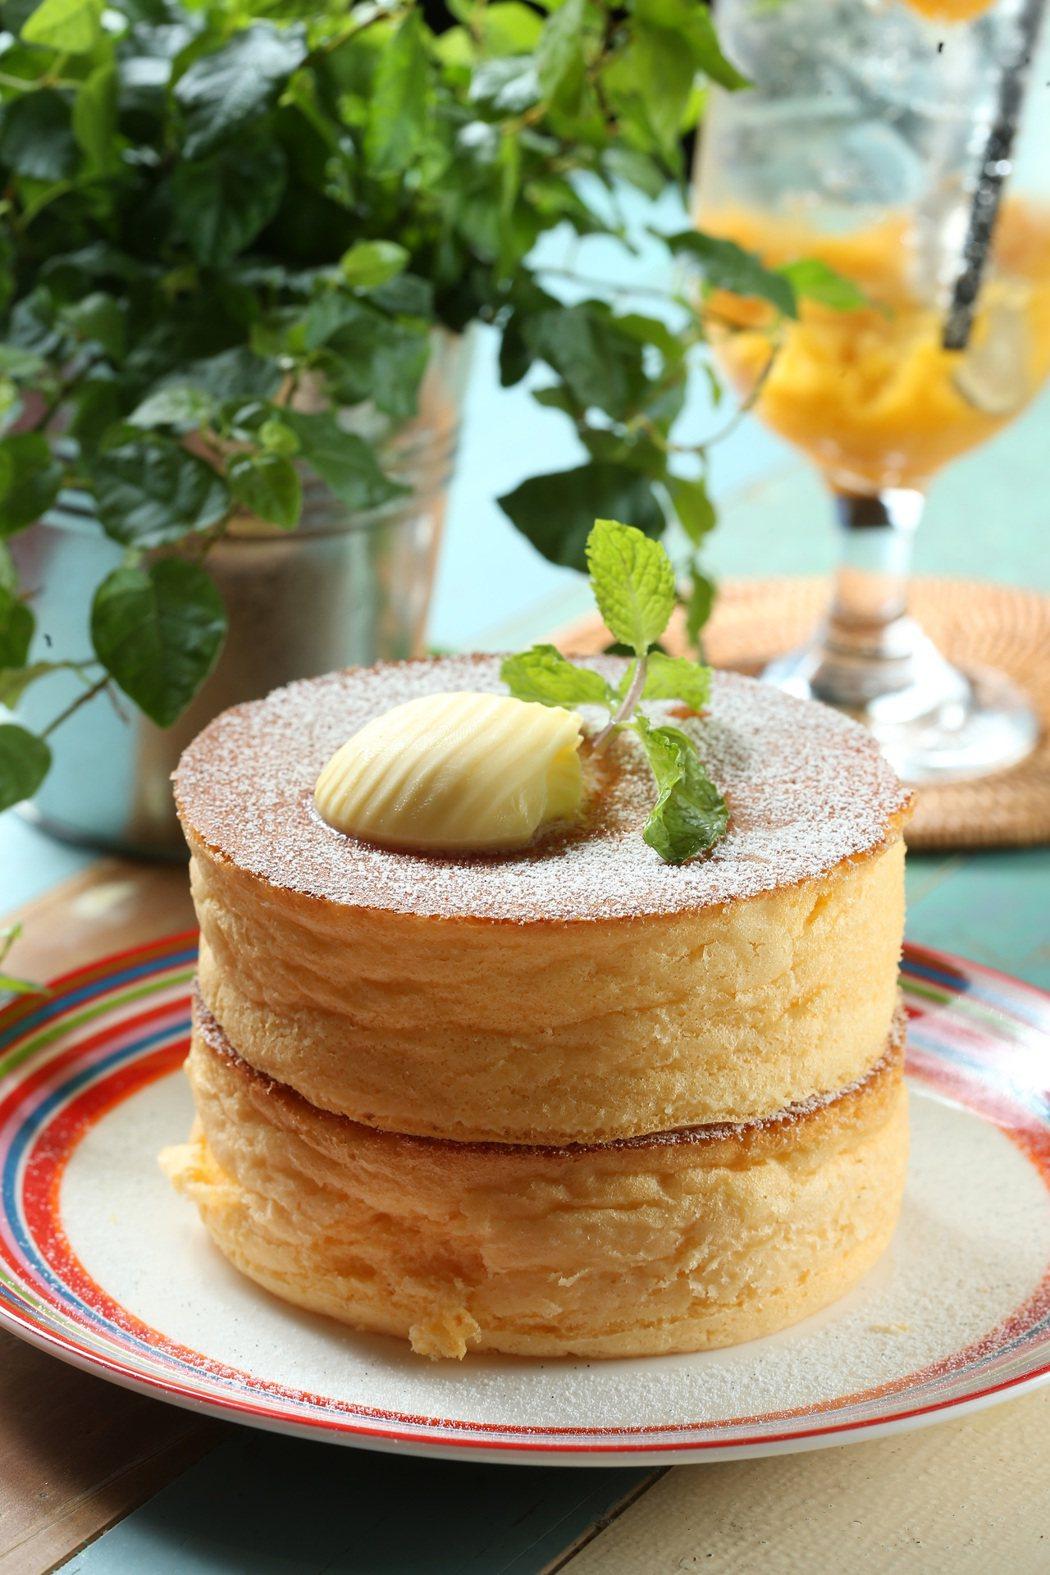 杏桃鬆餅屋 蘇芙蕾厚鬆餅。記者陳立凱/攝影